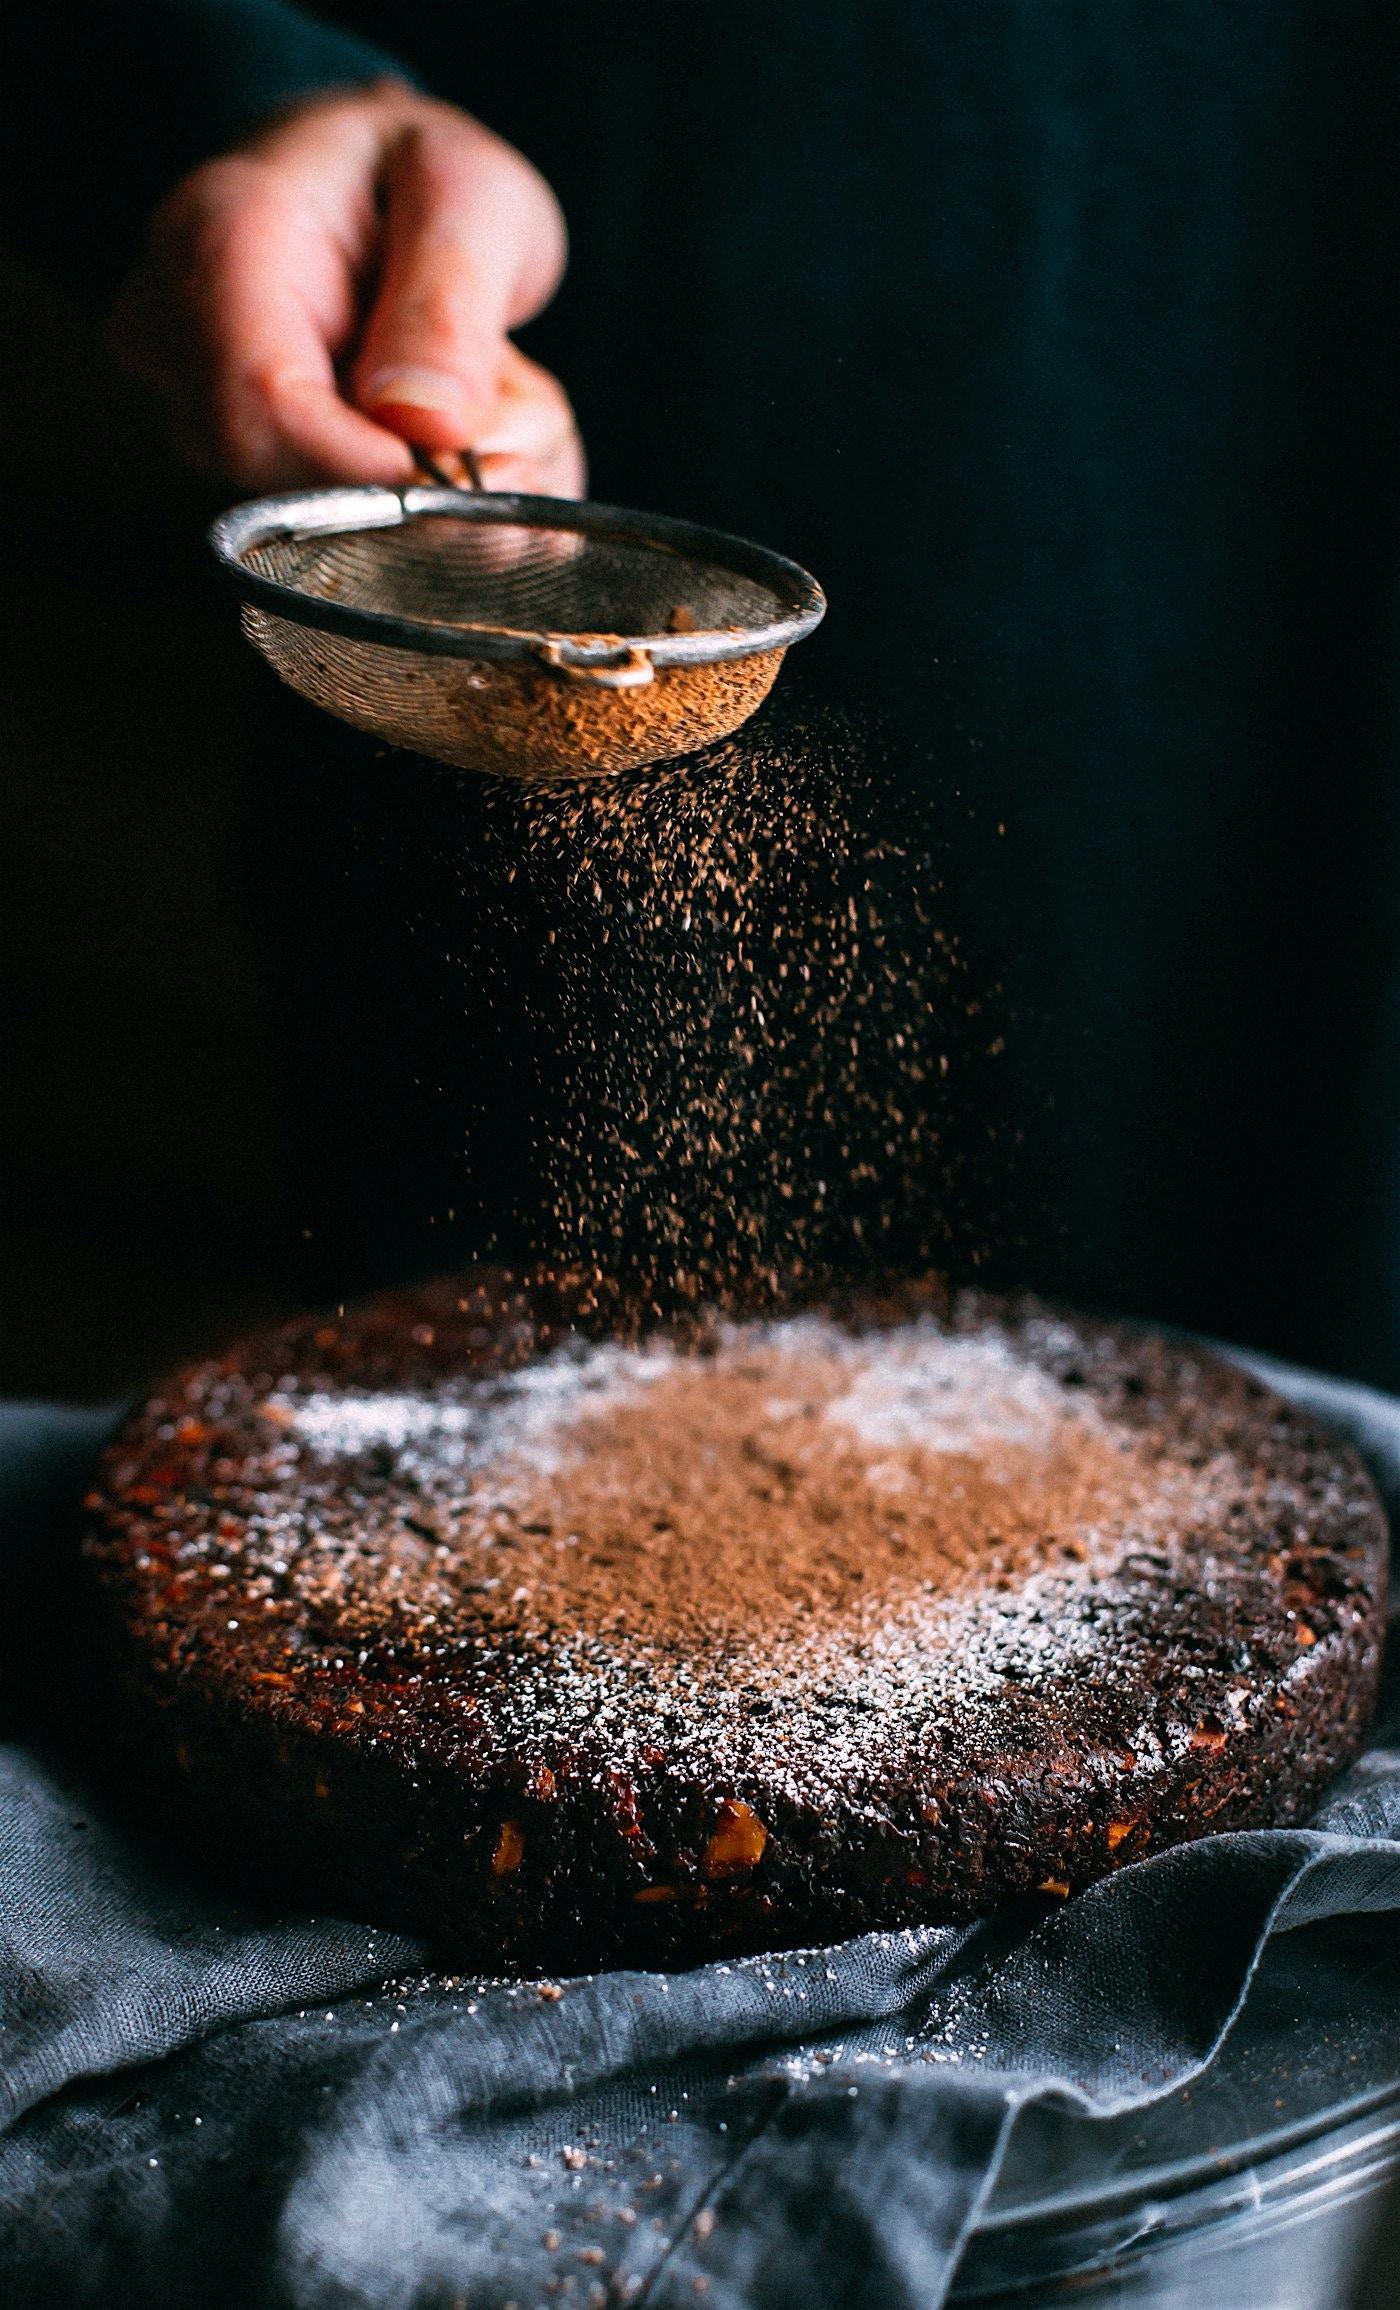 personne saupoudrant du chocolat en poudre sur un gâteau au chocolat